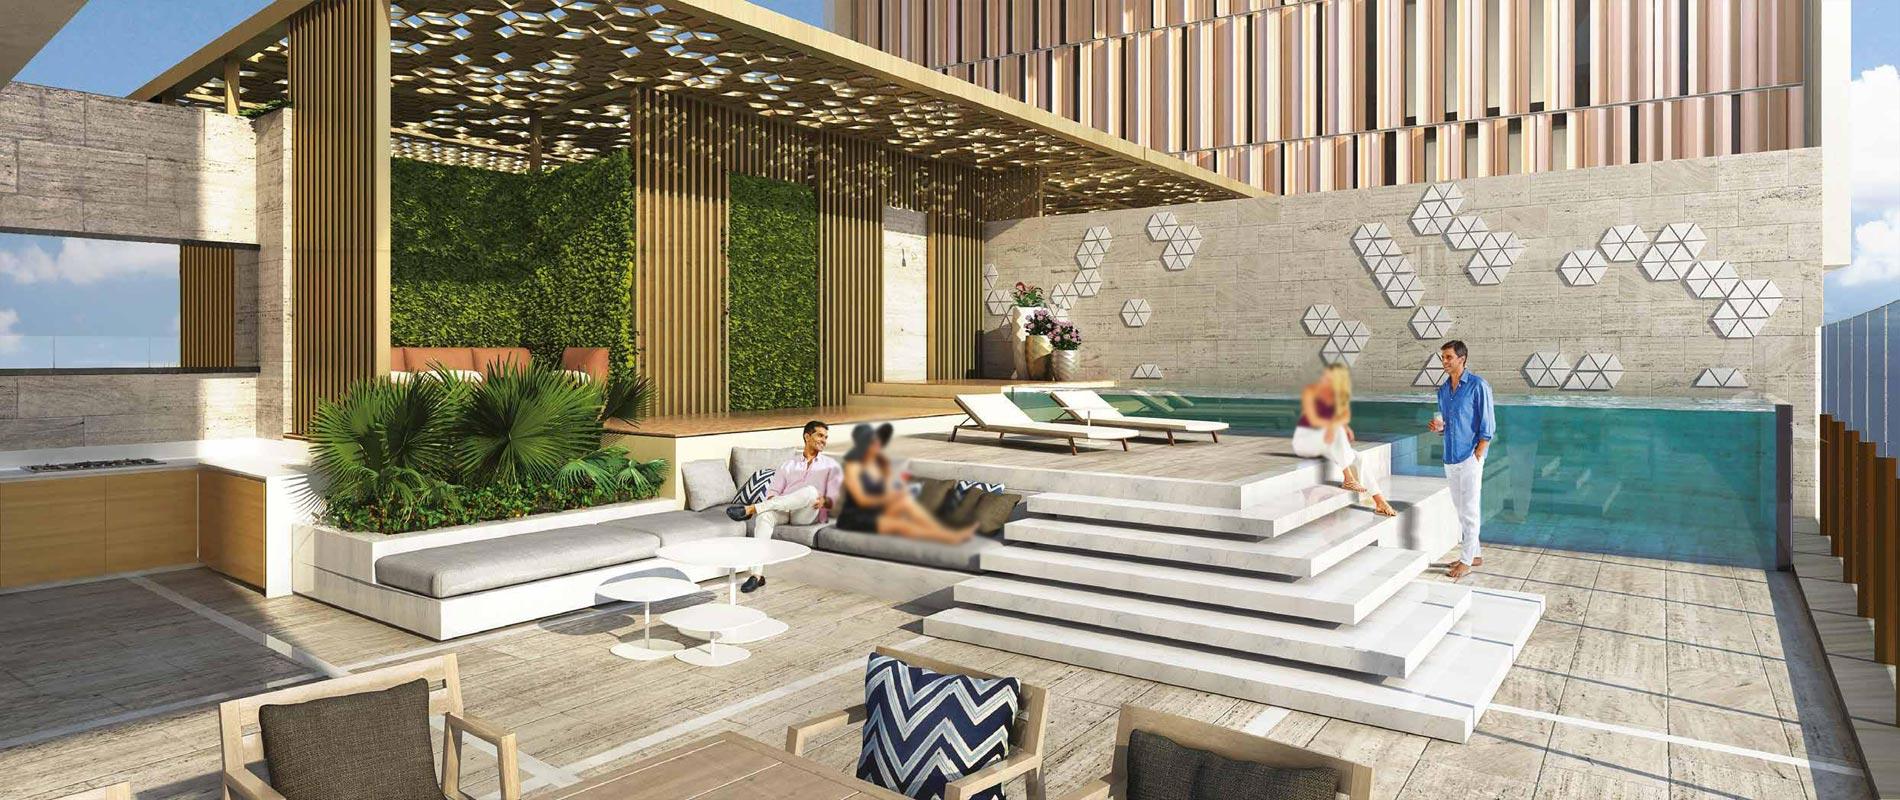 ROYAL ATLANTIS RESORT & RESIDENCES, Palm Jumeirah, Dubai, UAE – photo 6